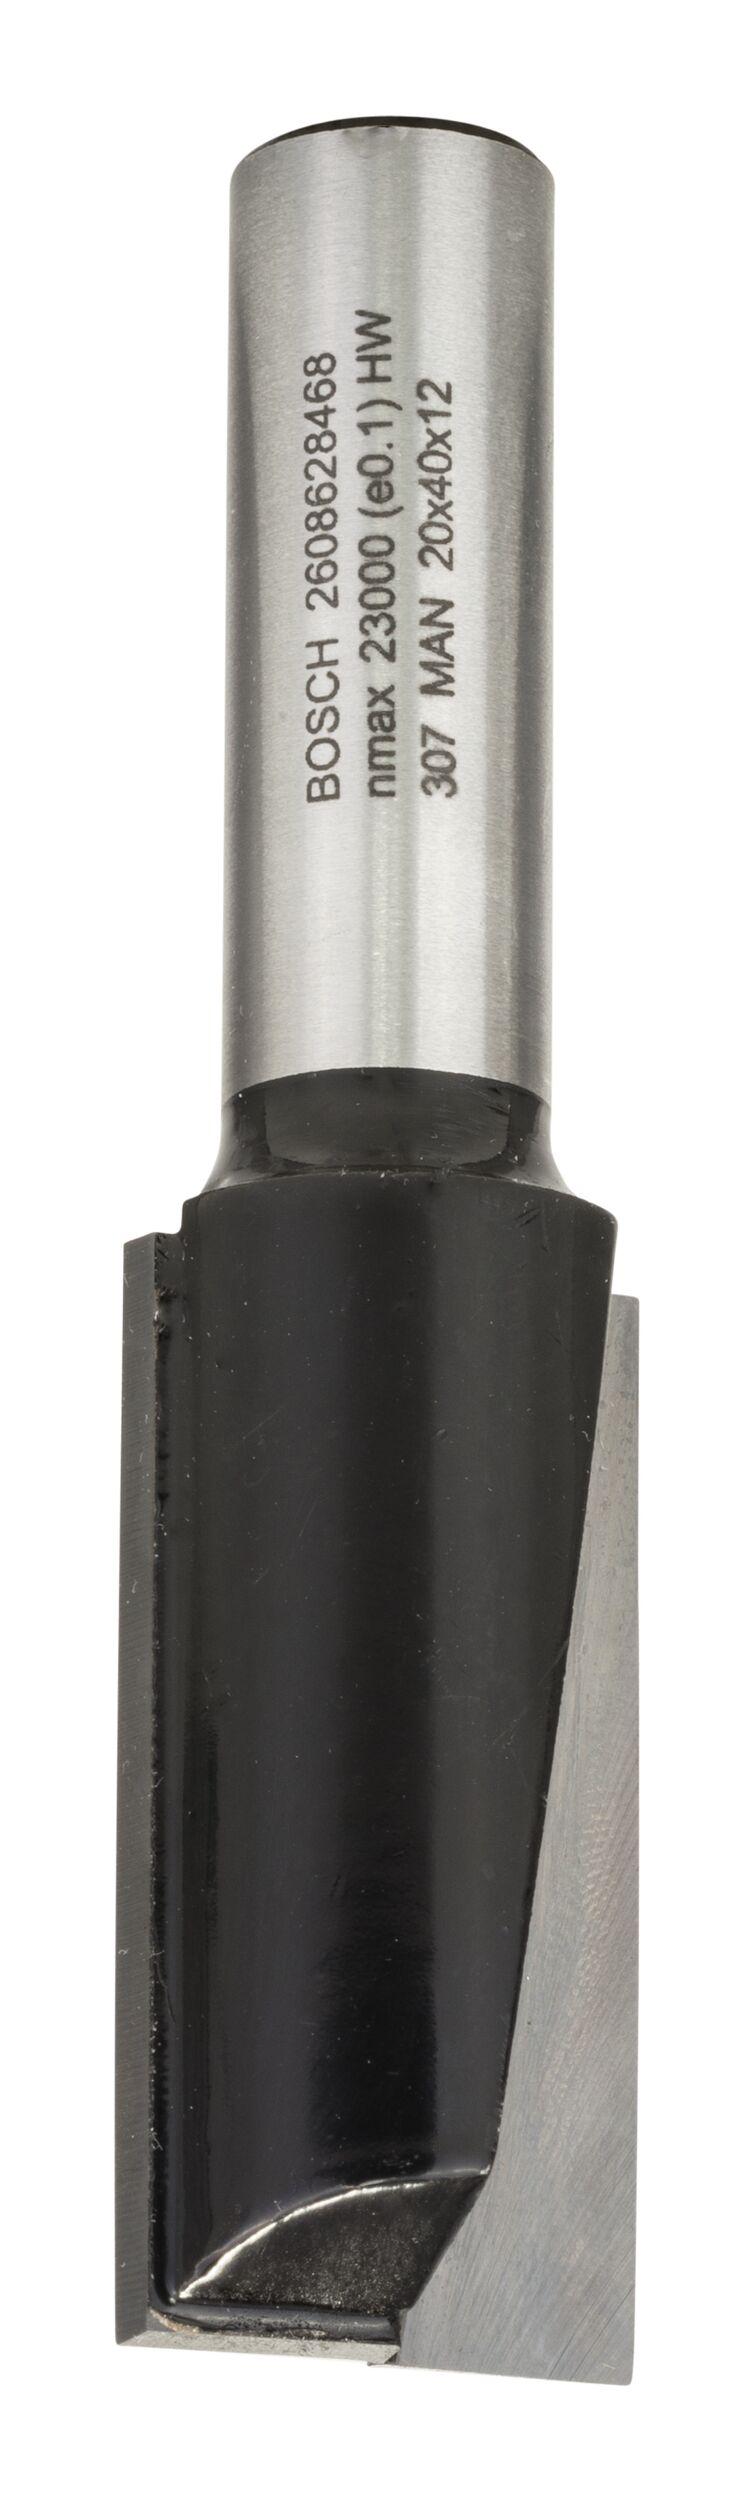 Bosch Zubehör Nutfräser zweischneidig - 20 x 40 x 81 x 12 mm - 2608628468